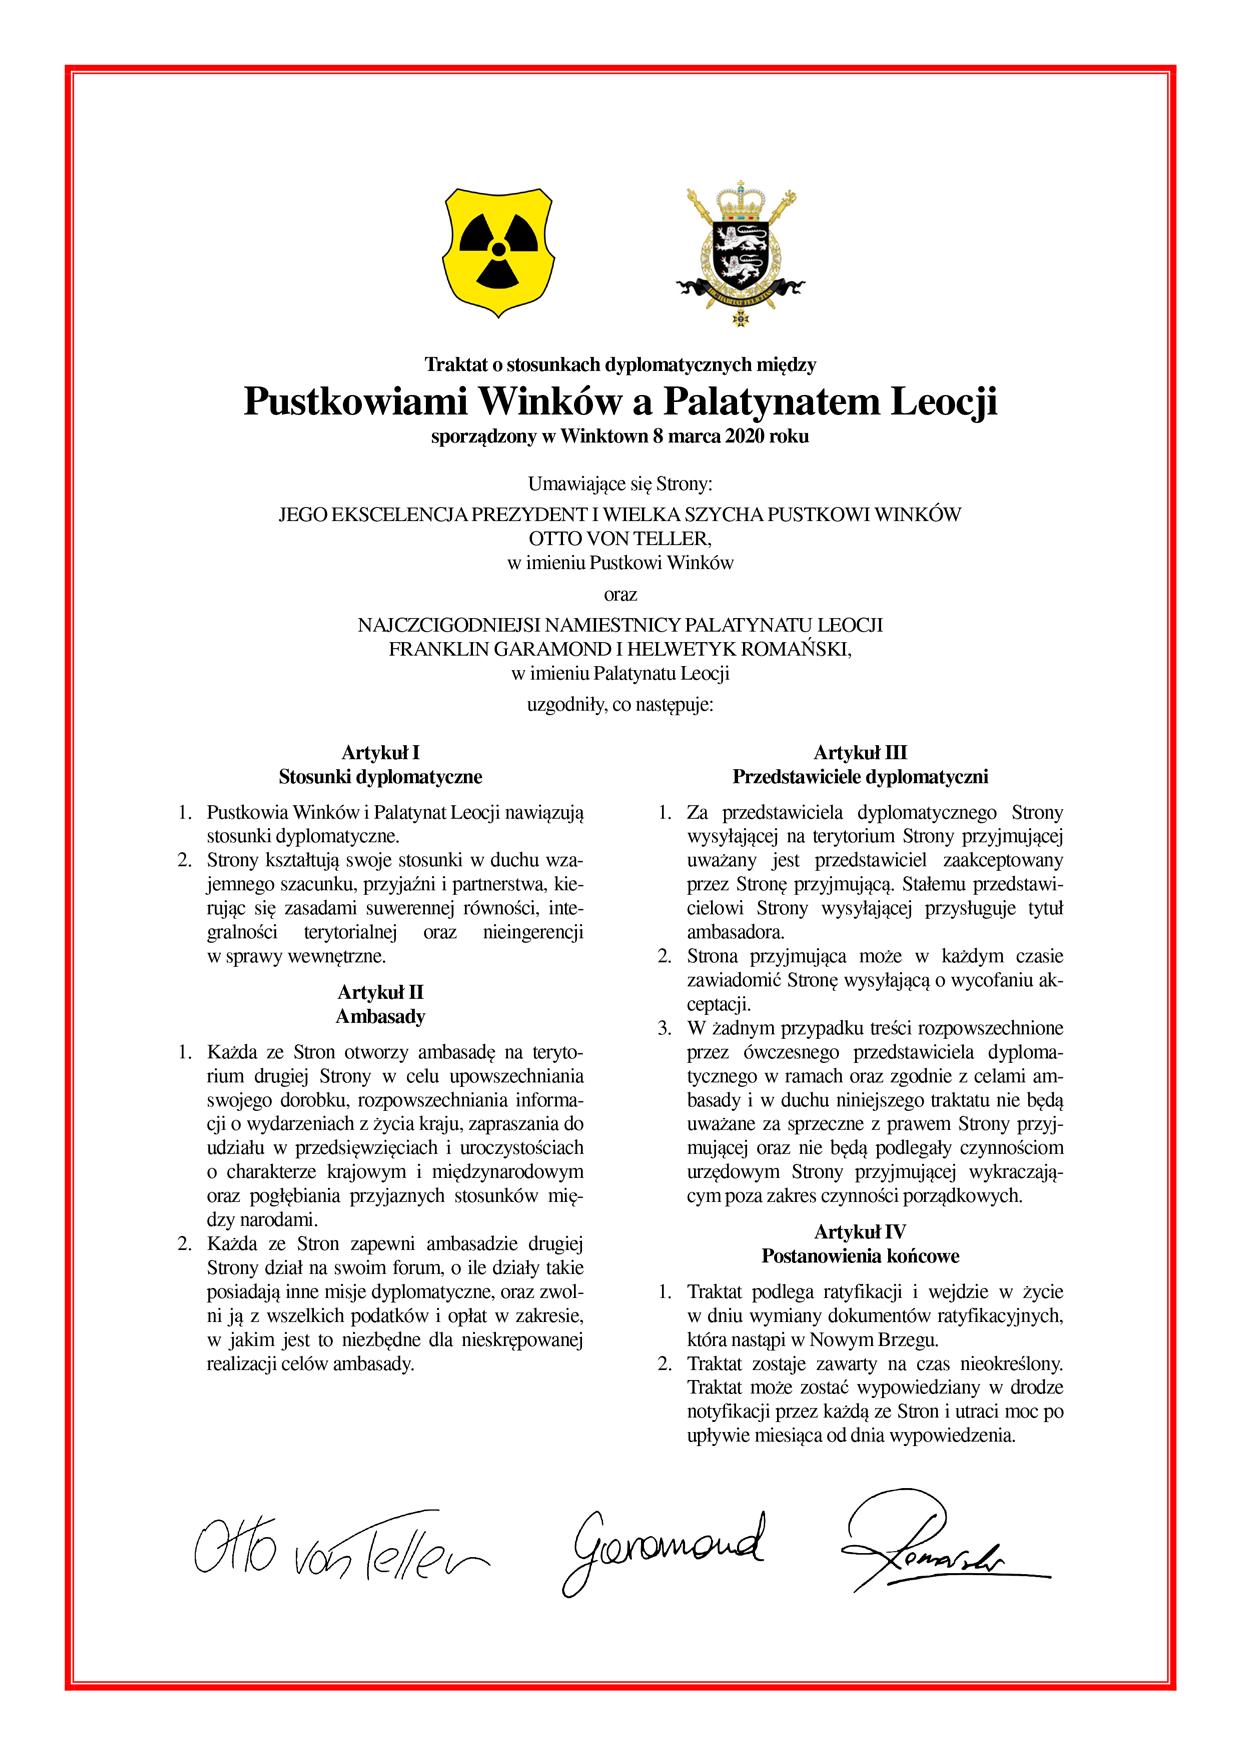 Traktat o stosunkach dyplomatycznych między Pustkowiami Winków a Palatynatem Leocji